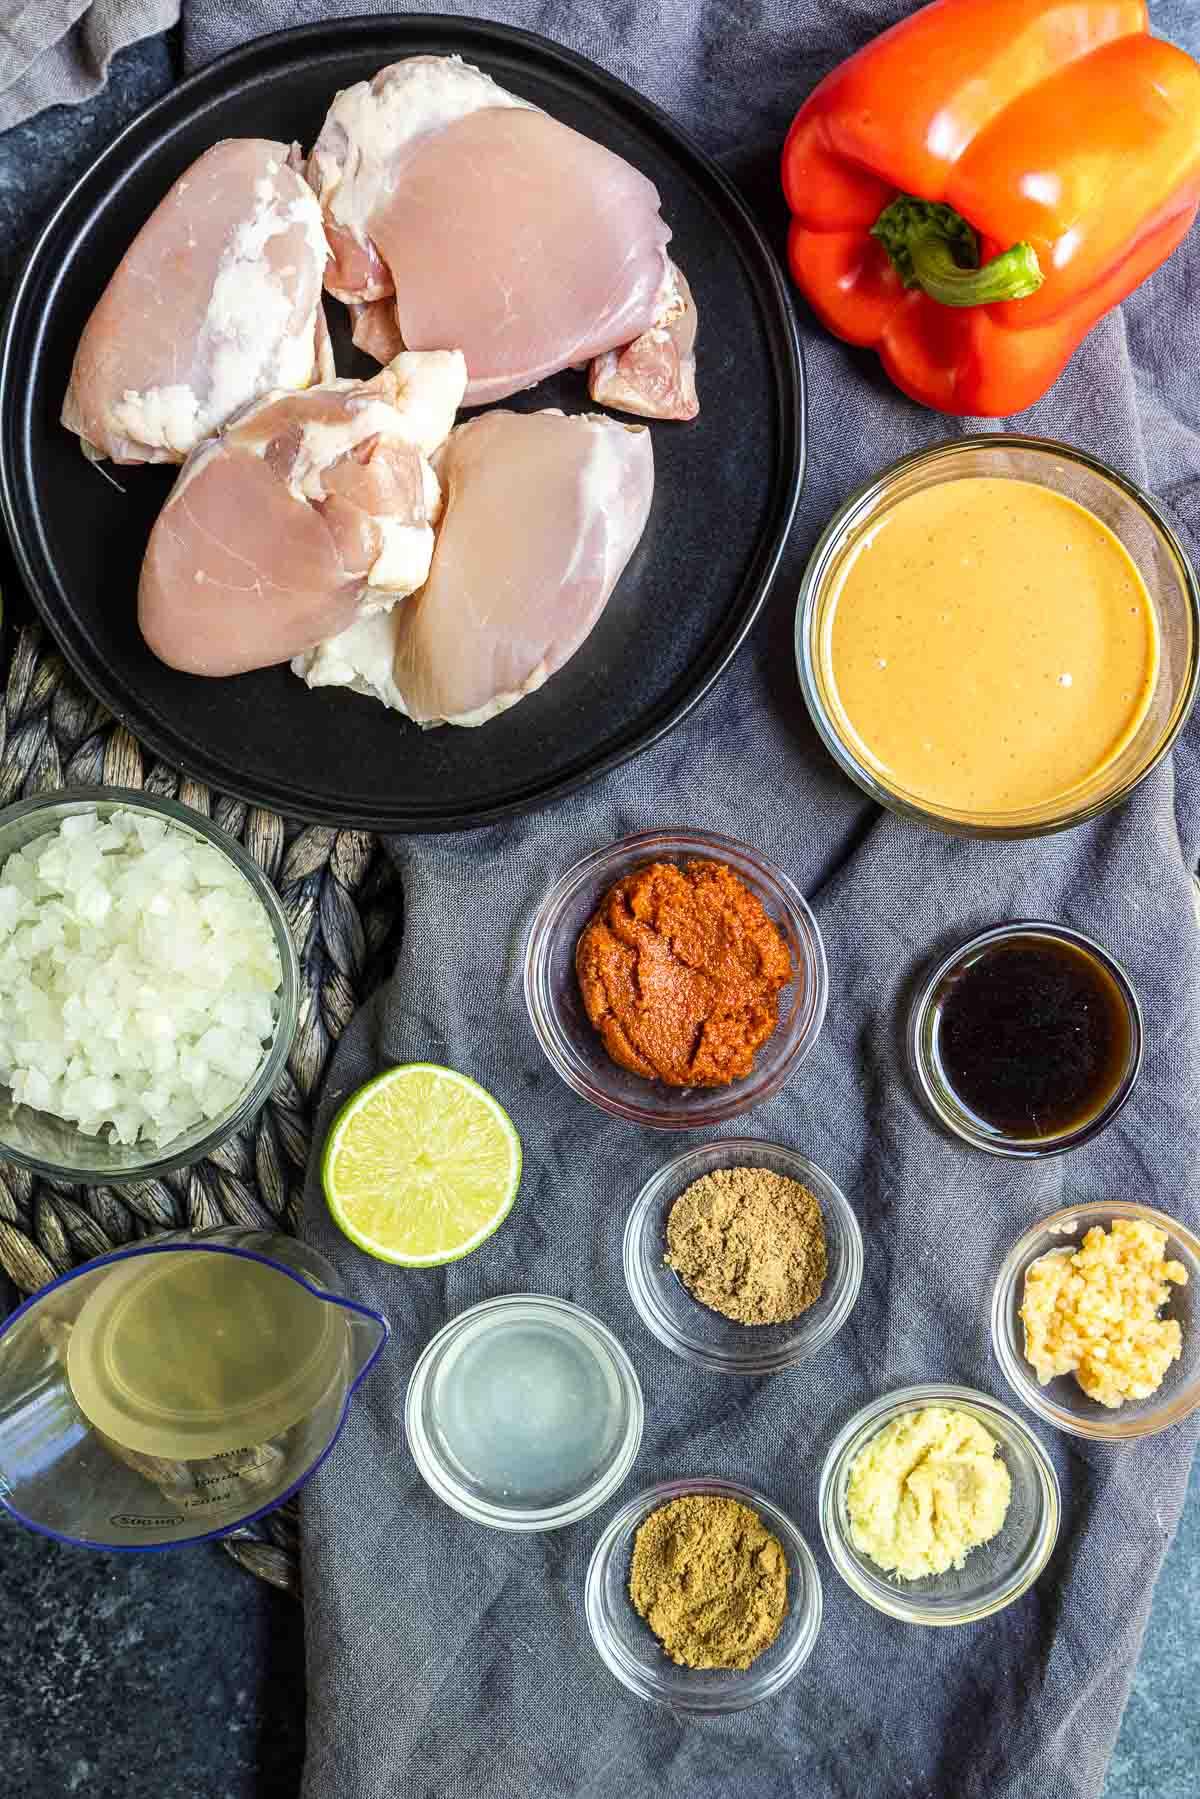 Keto Peanut Butter Chicken ingredients